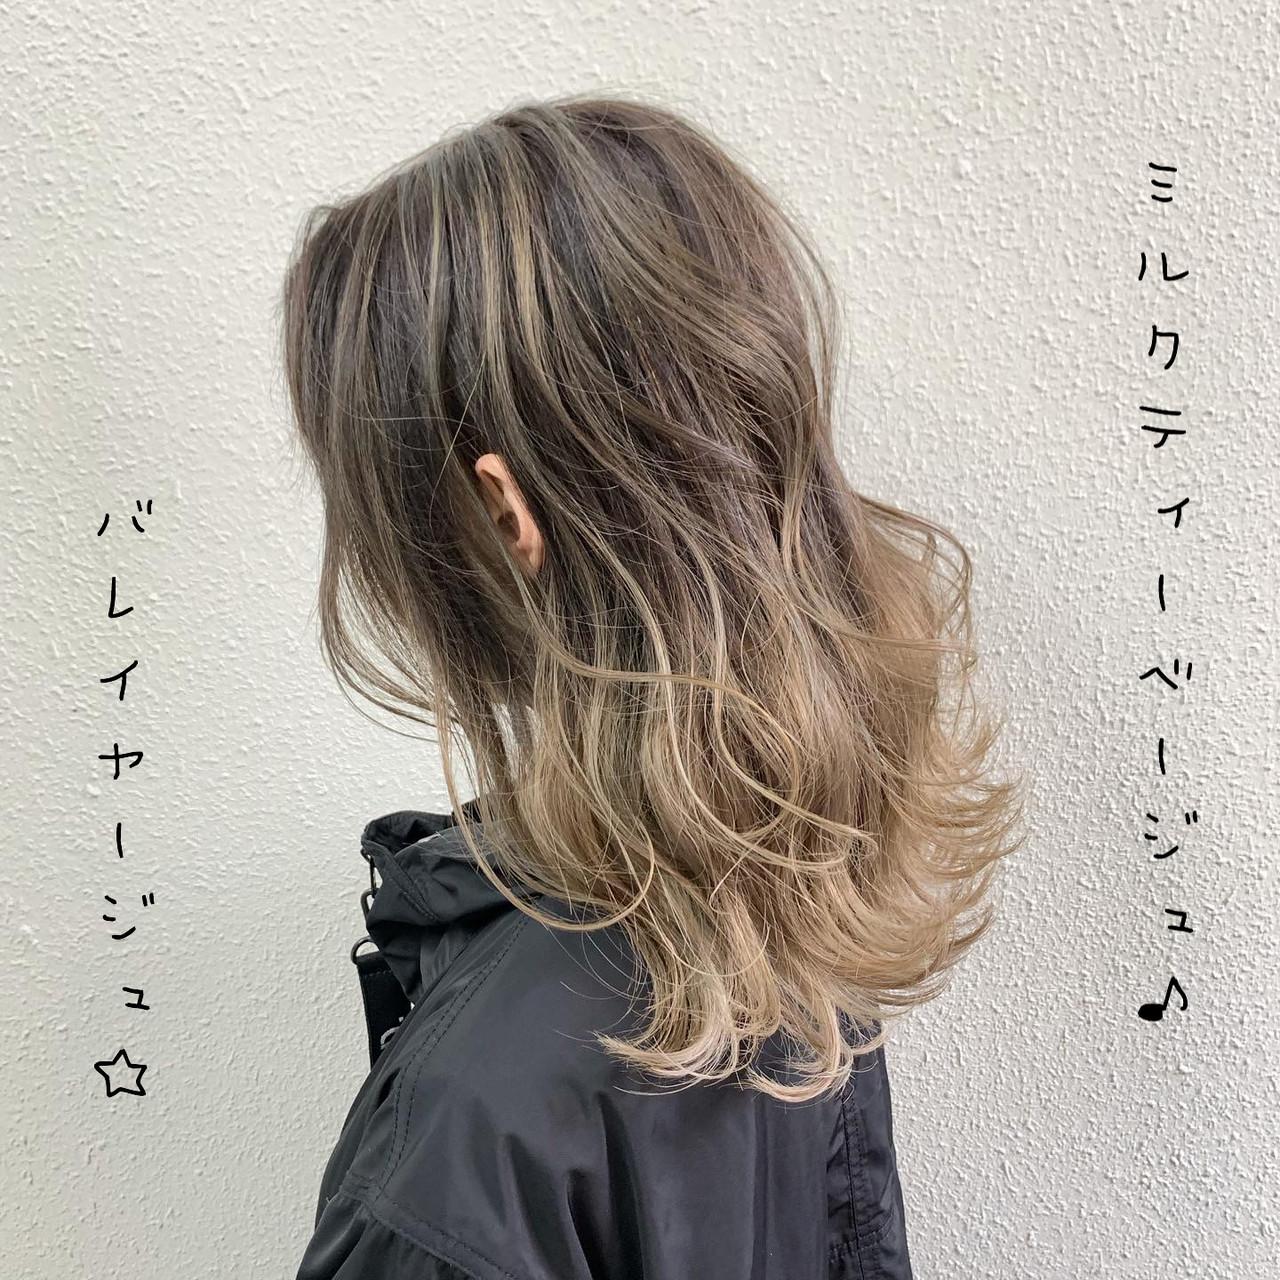 ミルクティー セミロング ストリート ハイライト ヘアスタイルや髪型の写真・画像